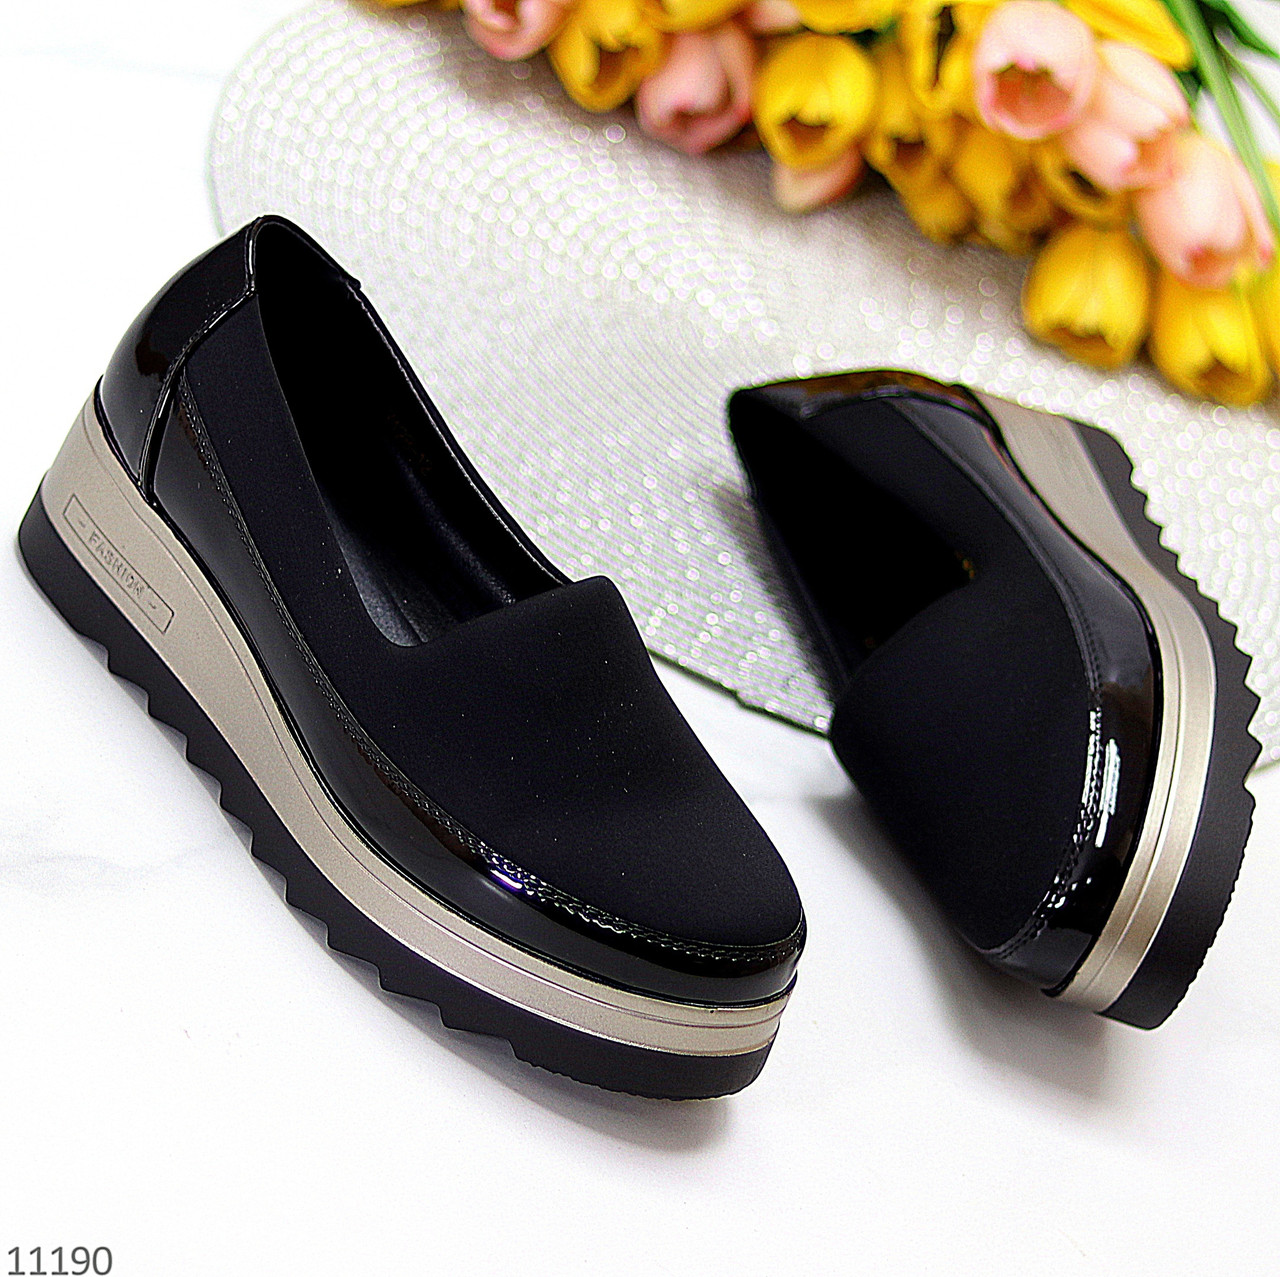 Эластичные черные текстильные полу спортивные женские туфли мокасины 37-23,5 38-24 см